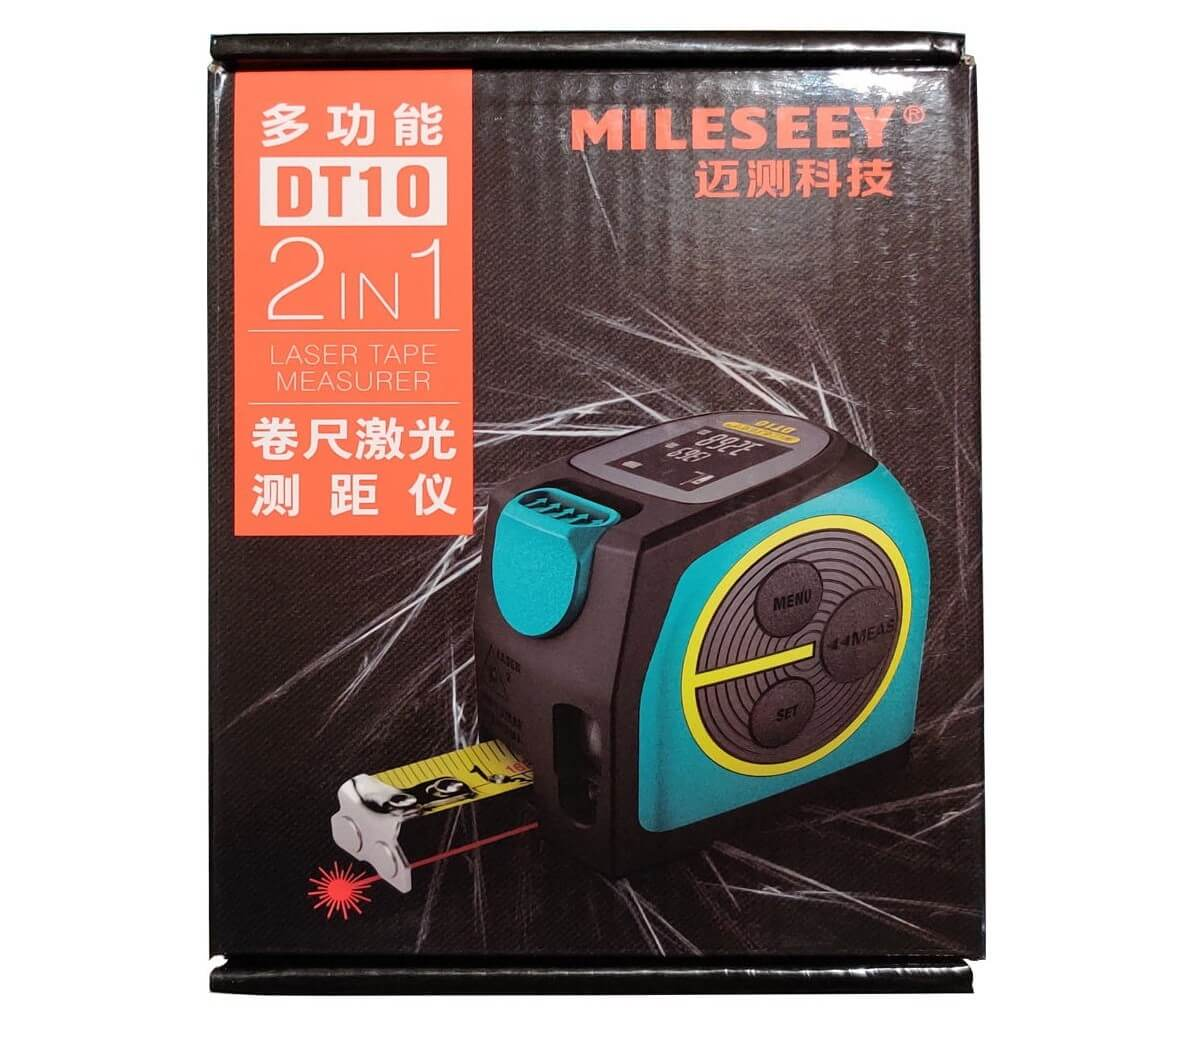 متر دیجیتال لیزری مایلسی DT10